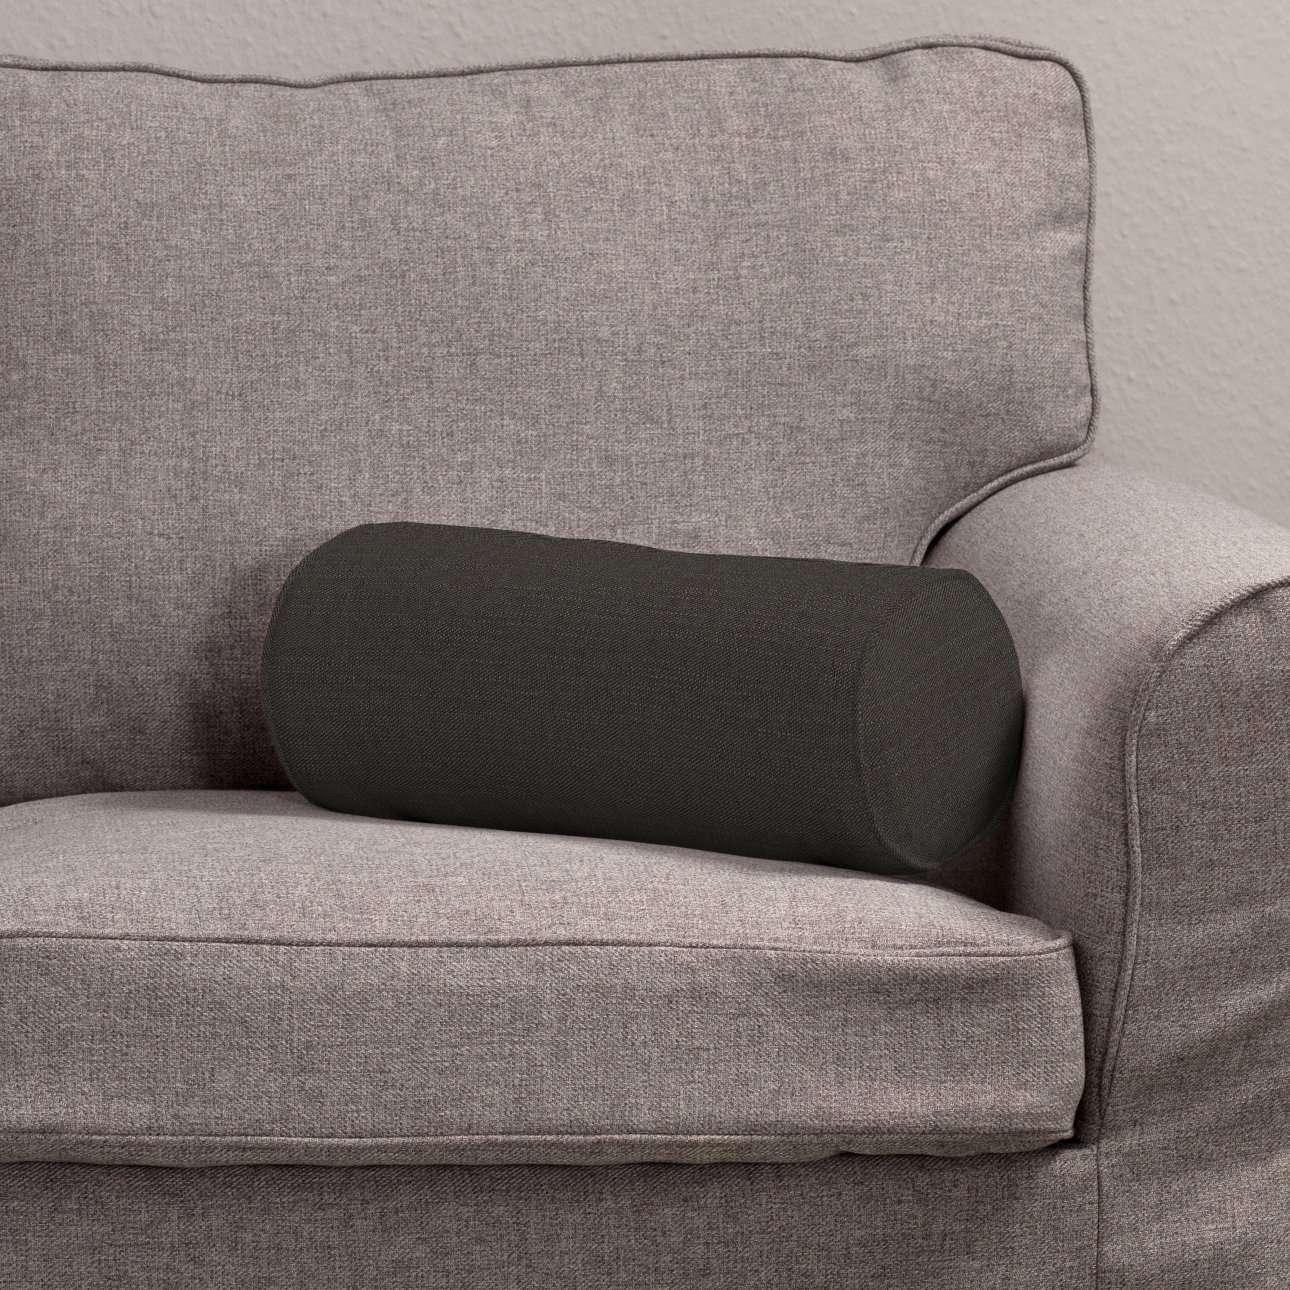 Poduszka wałek prosty Ø 16 x 40 cm w kolekcji Vintage, tkanina: 702-36